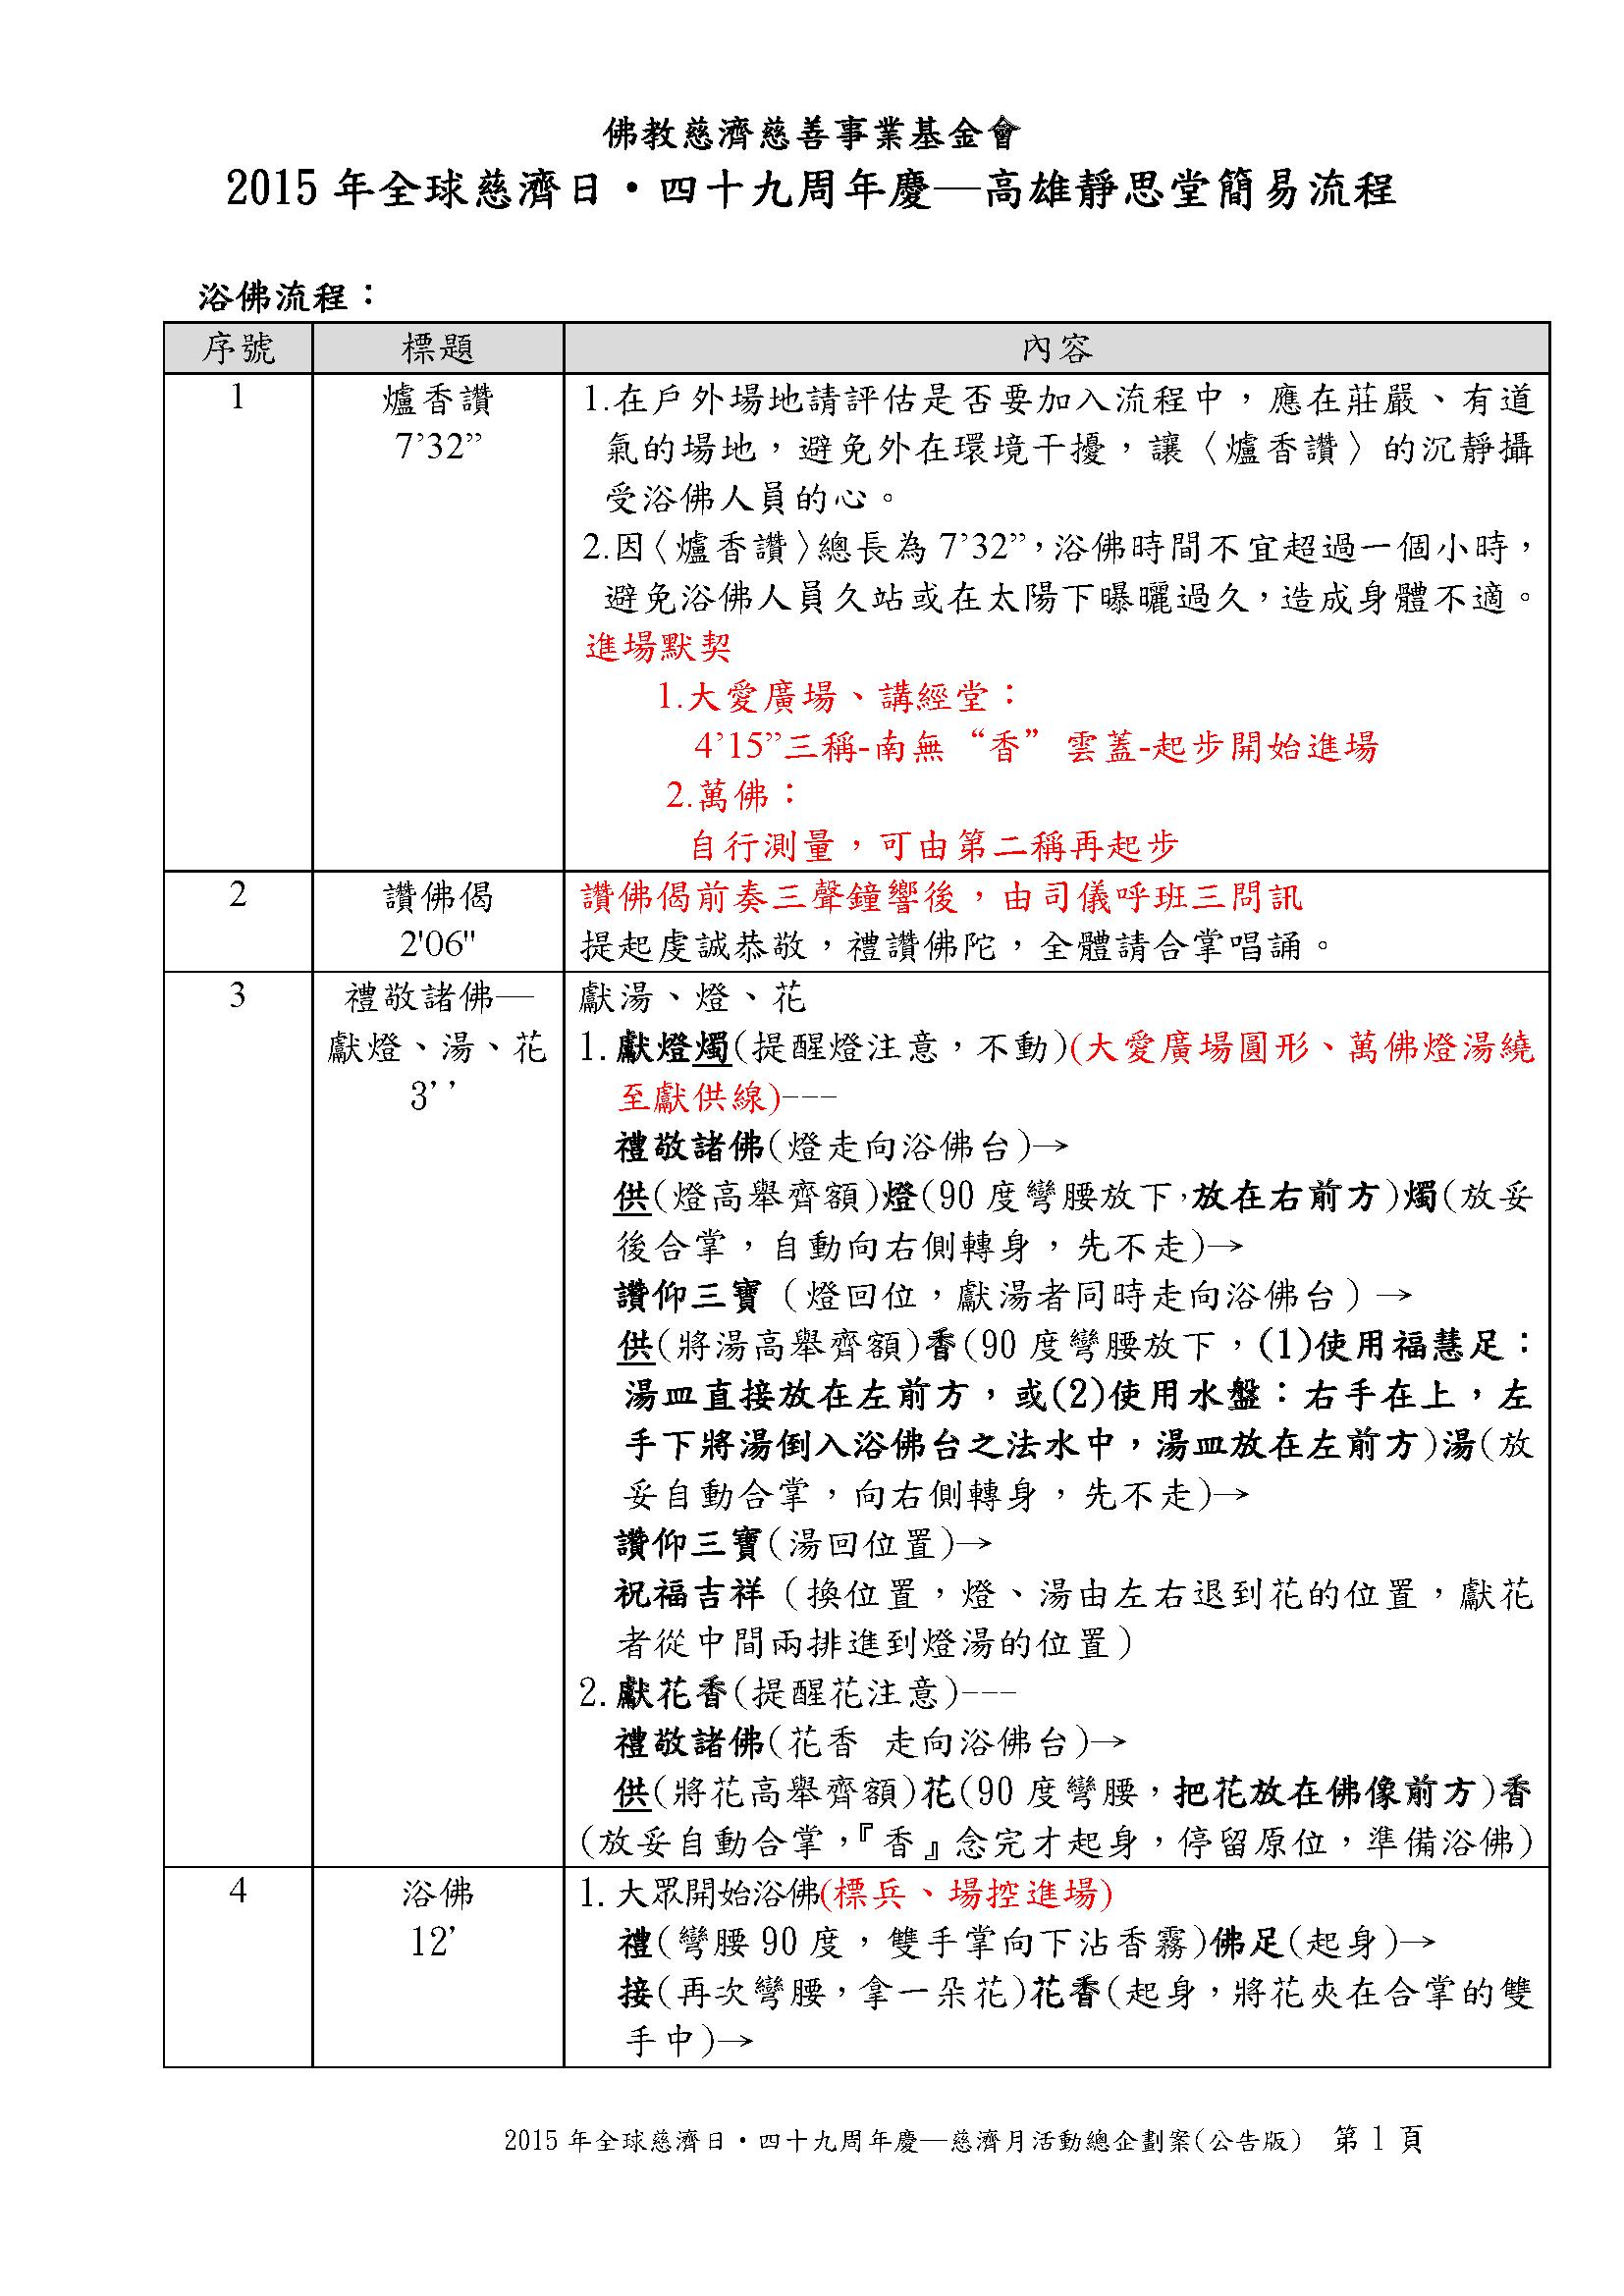 2015高雄靜思堂浴佛-簡易流程-0503_頁面_1.png